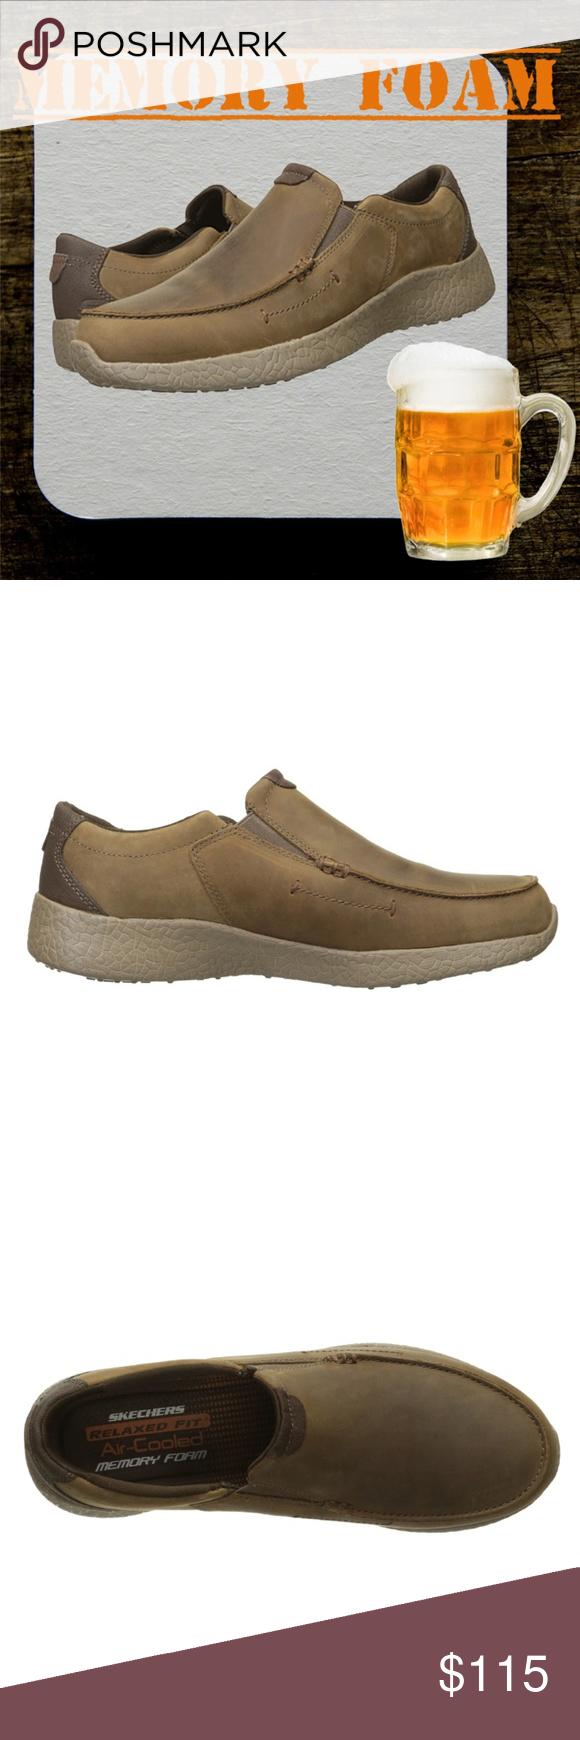 12f1ddf791f6 SKECHERS Burst - Valid Men s Slip-on Loafer Shoes ✓Take advanced comfort  technology into